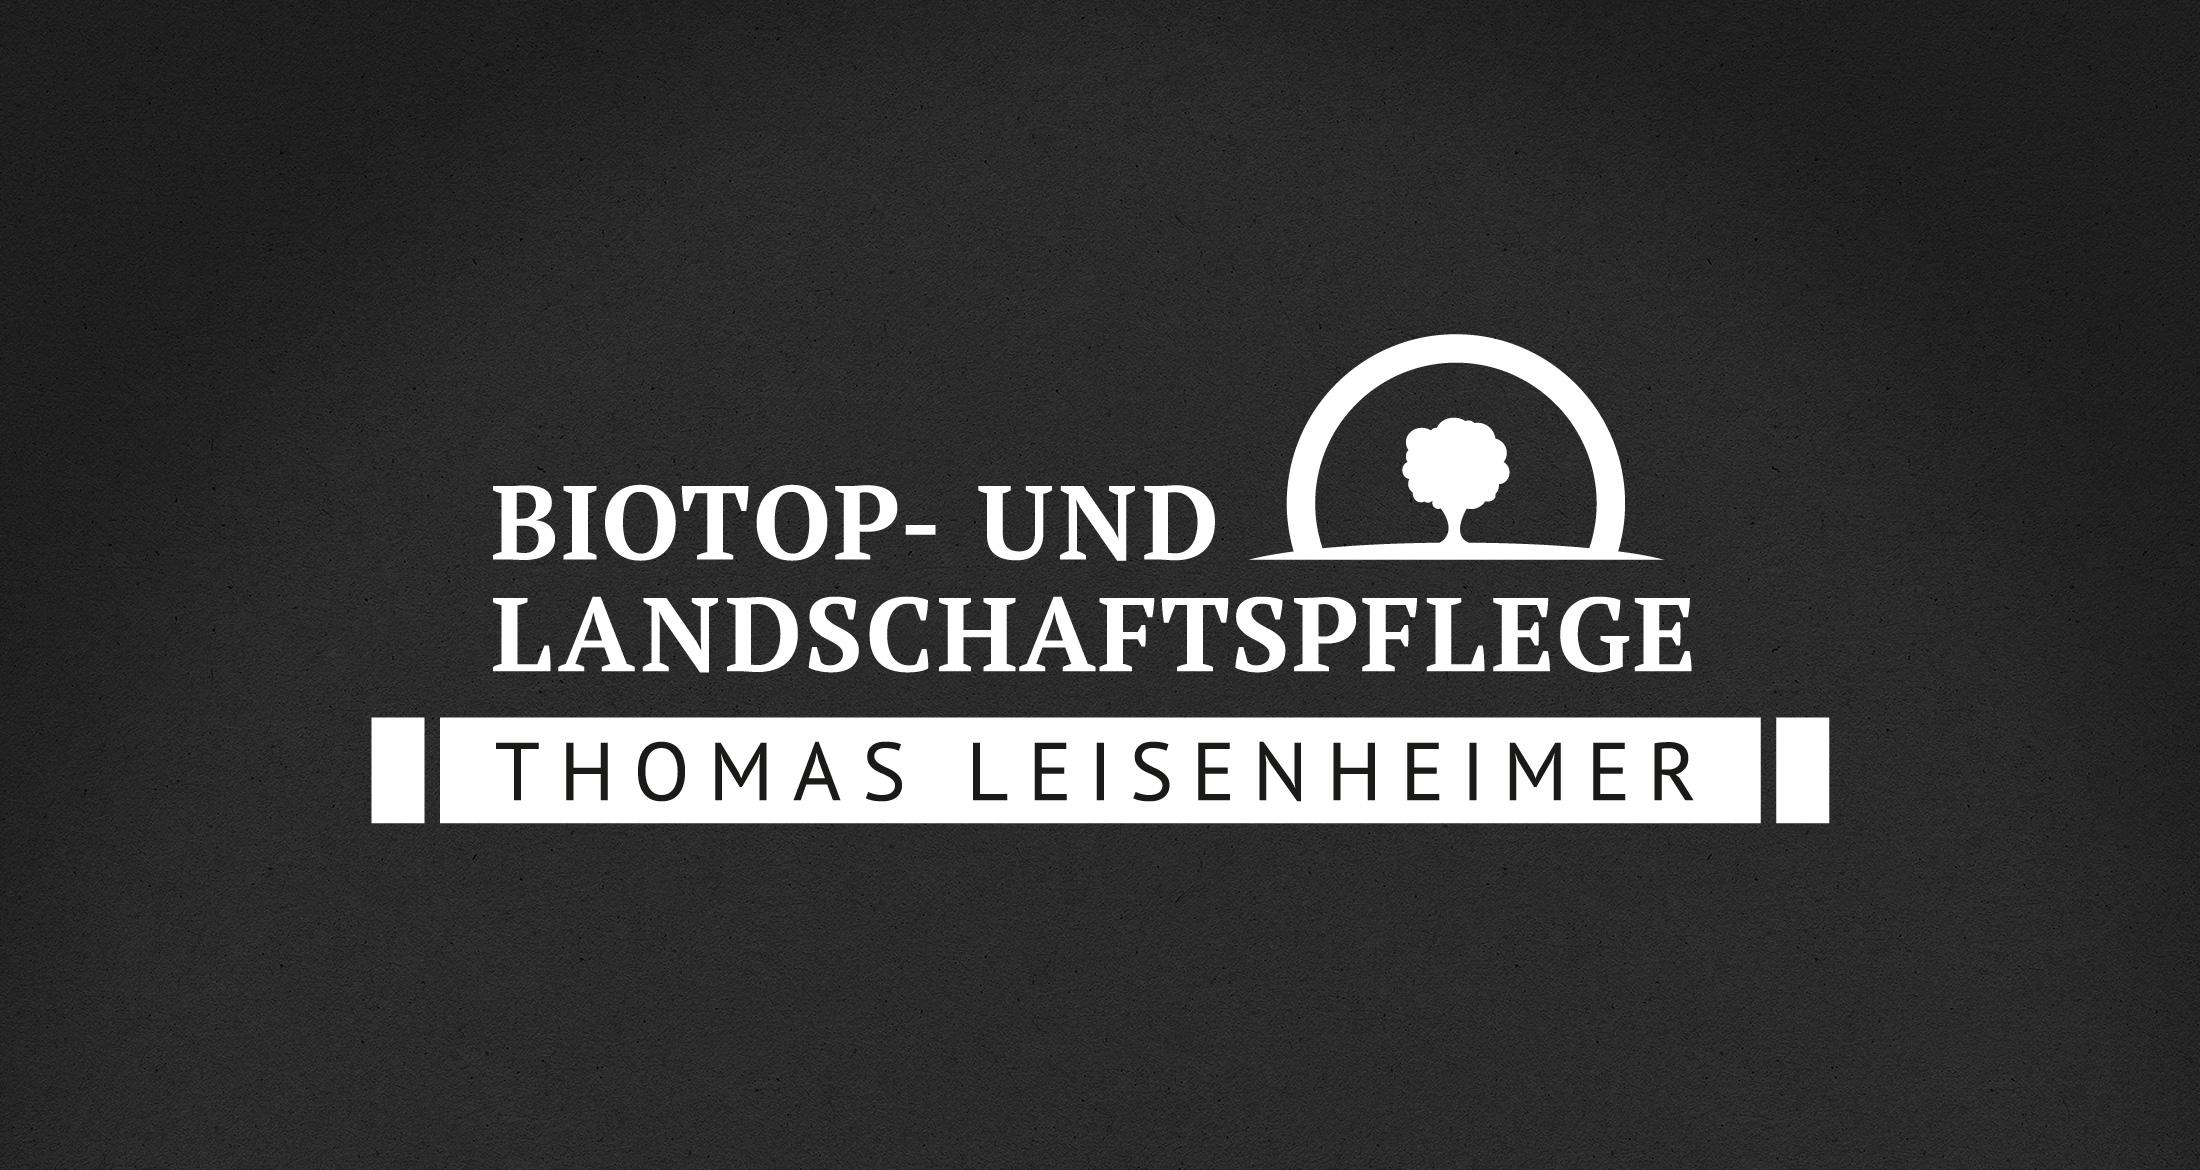 Logo Biotop- und Landschaftspflege, Münsterappel, 1-farbig weiß (negativ)